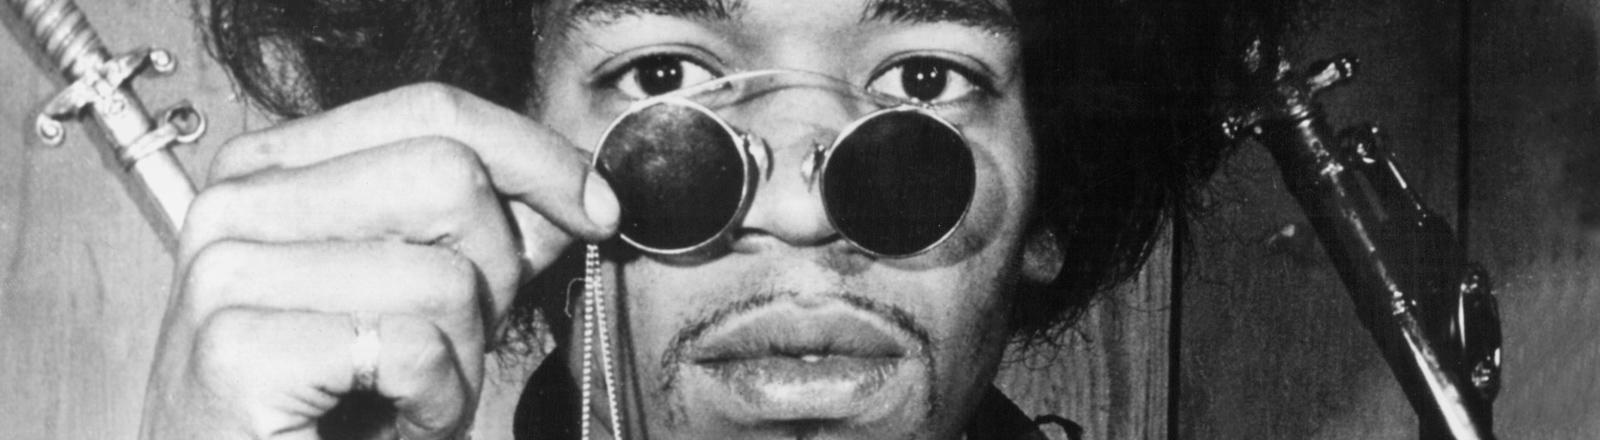 Porträt des US-amerikanischen Rocksängers und Gitarristen Jimi Hendrix, aufgenommen in seiner Londoner Wohnung.